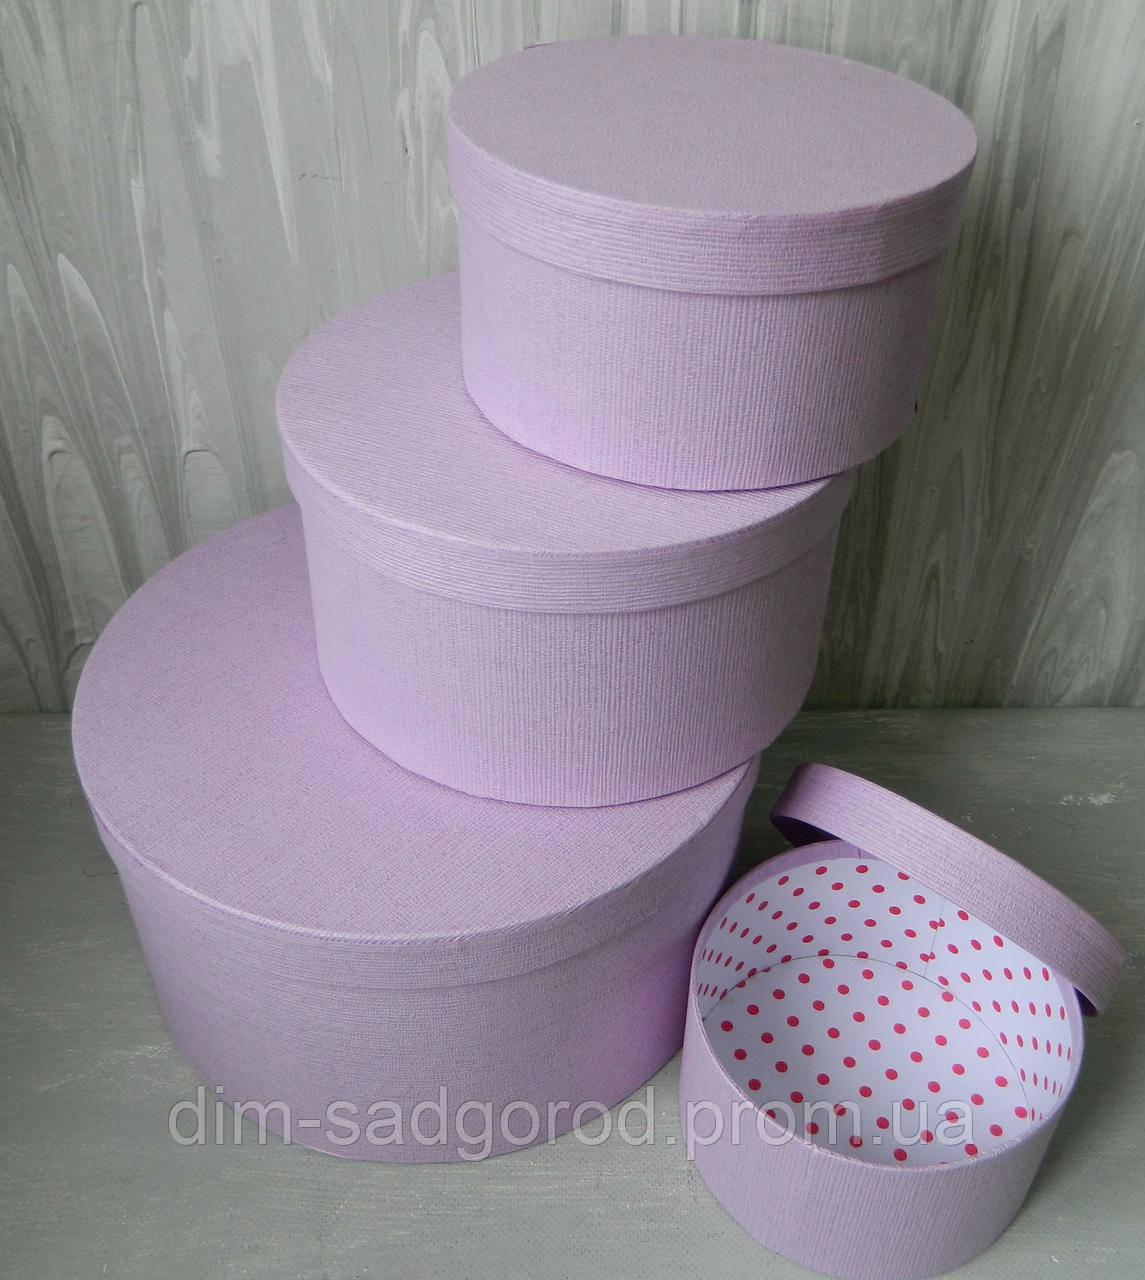 Подарункова коробка для квітів 22842-10-18 (фолетова) №4,D-20 см Подарочная коробка для цветов фиолетовая